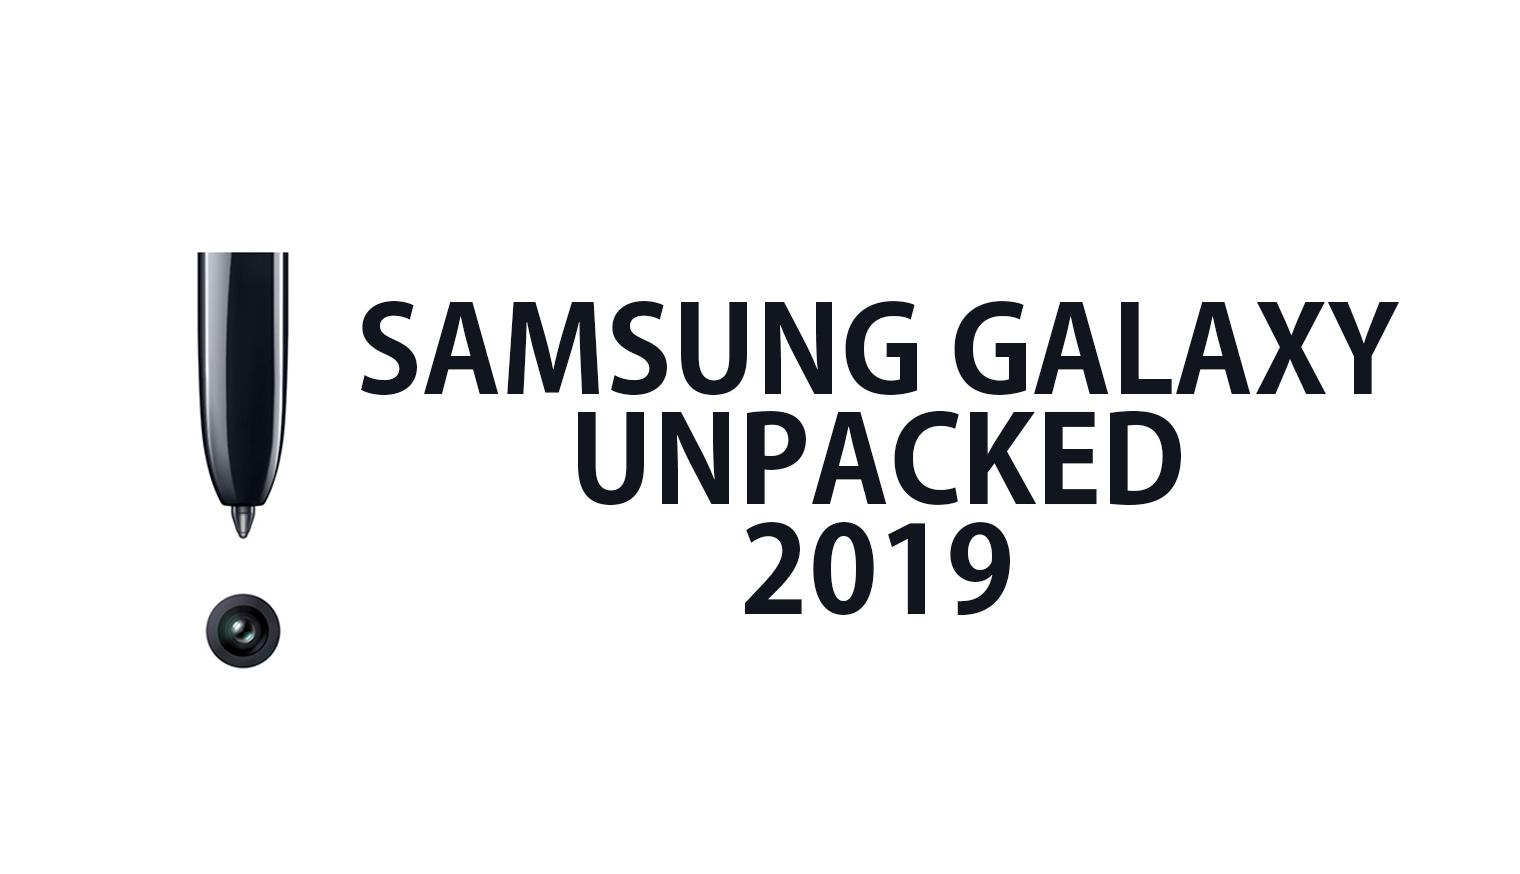 Samsung May Launch Galaxy Tab S6 and S5 at Galaxy Unpacked